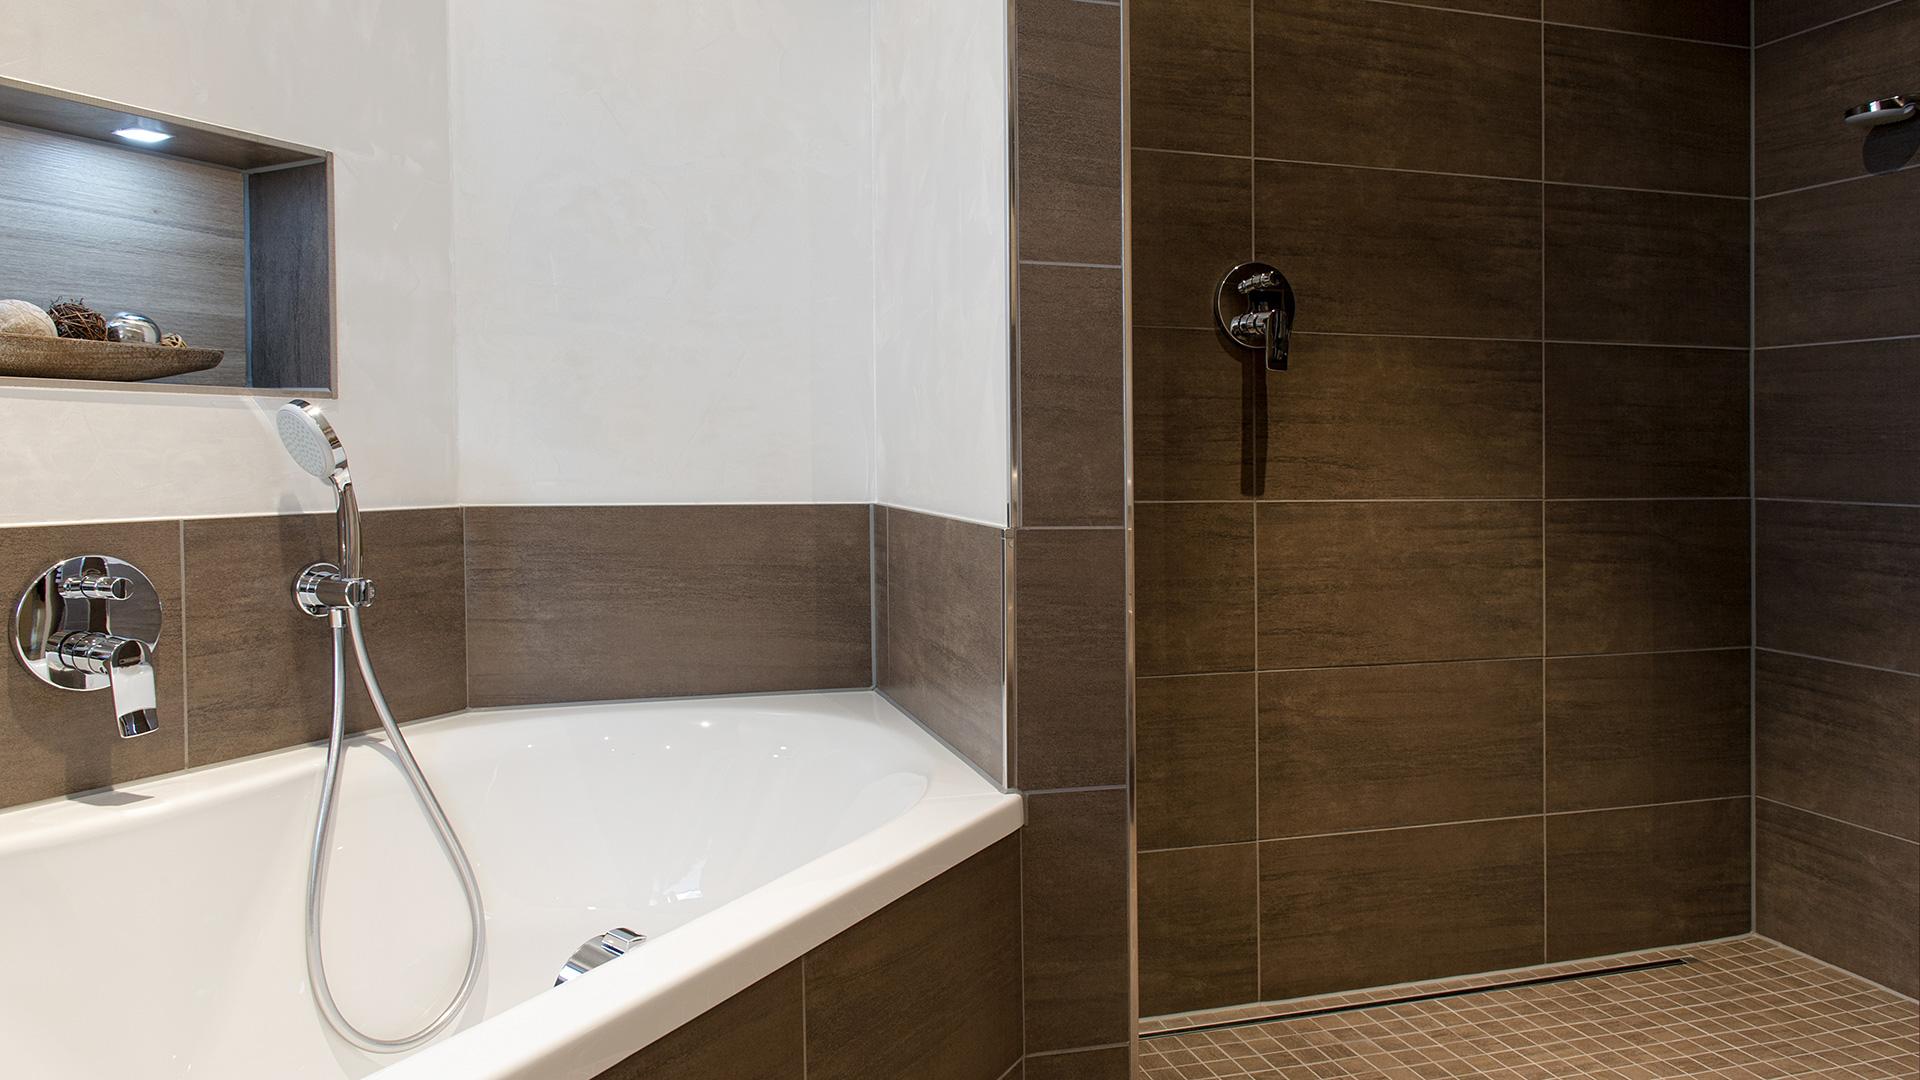 Wanne und Dusche braun gefliest